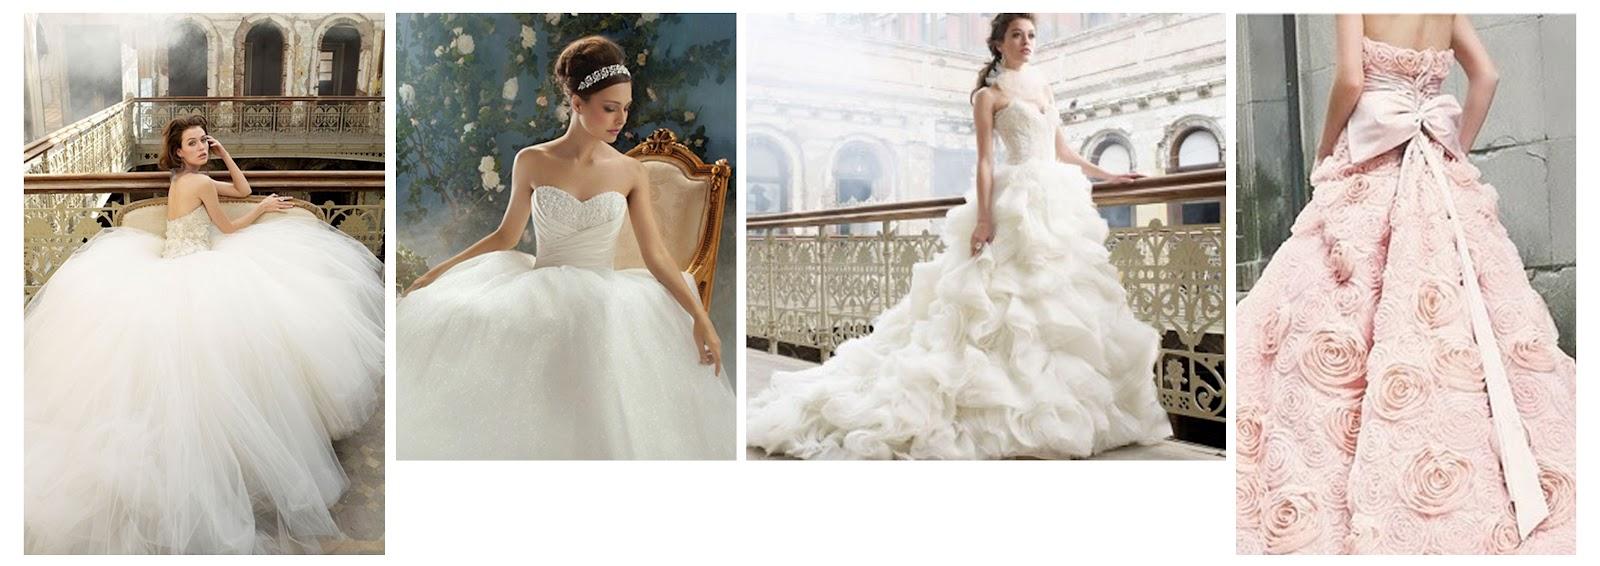 Ruha  báli fazonú menyasszonyi ruha a3ad3306c6